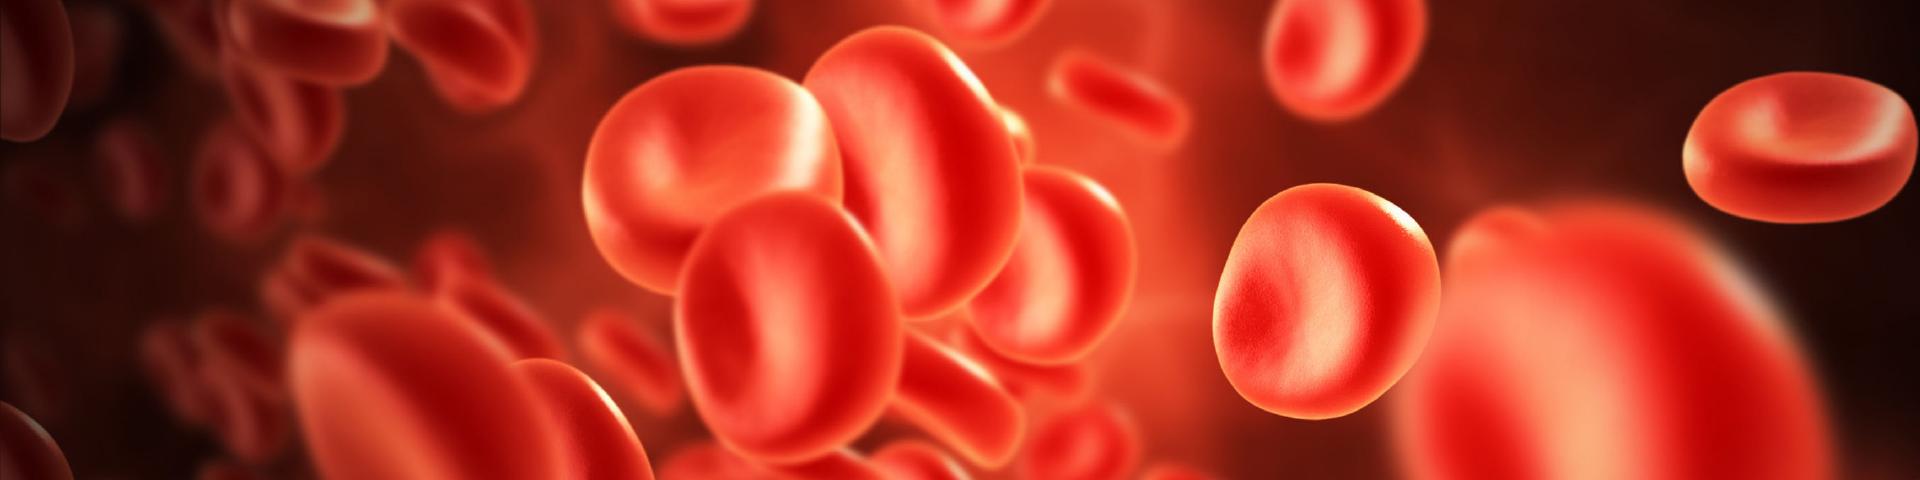 Terapia cellulare, talassemia e correzione genica